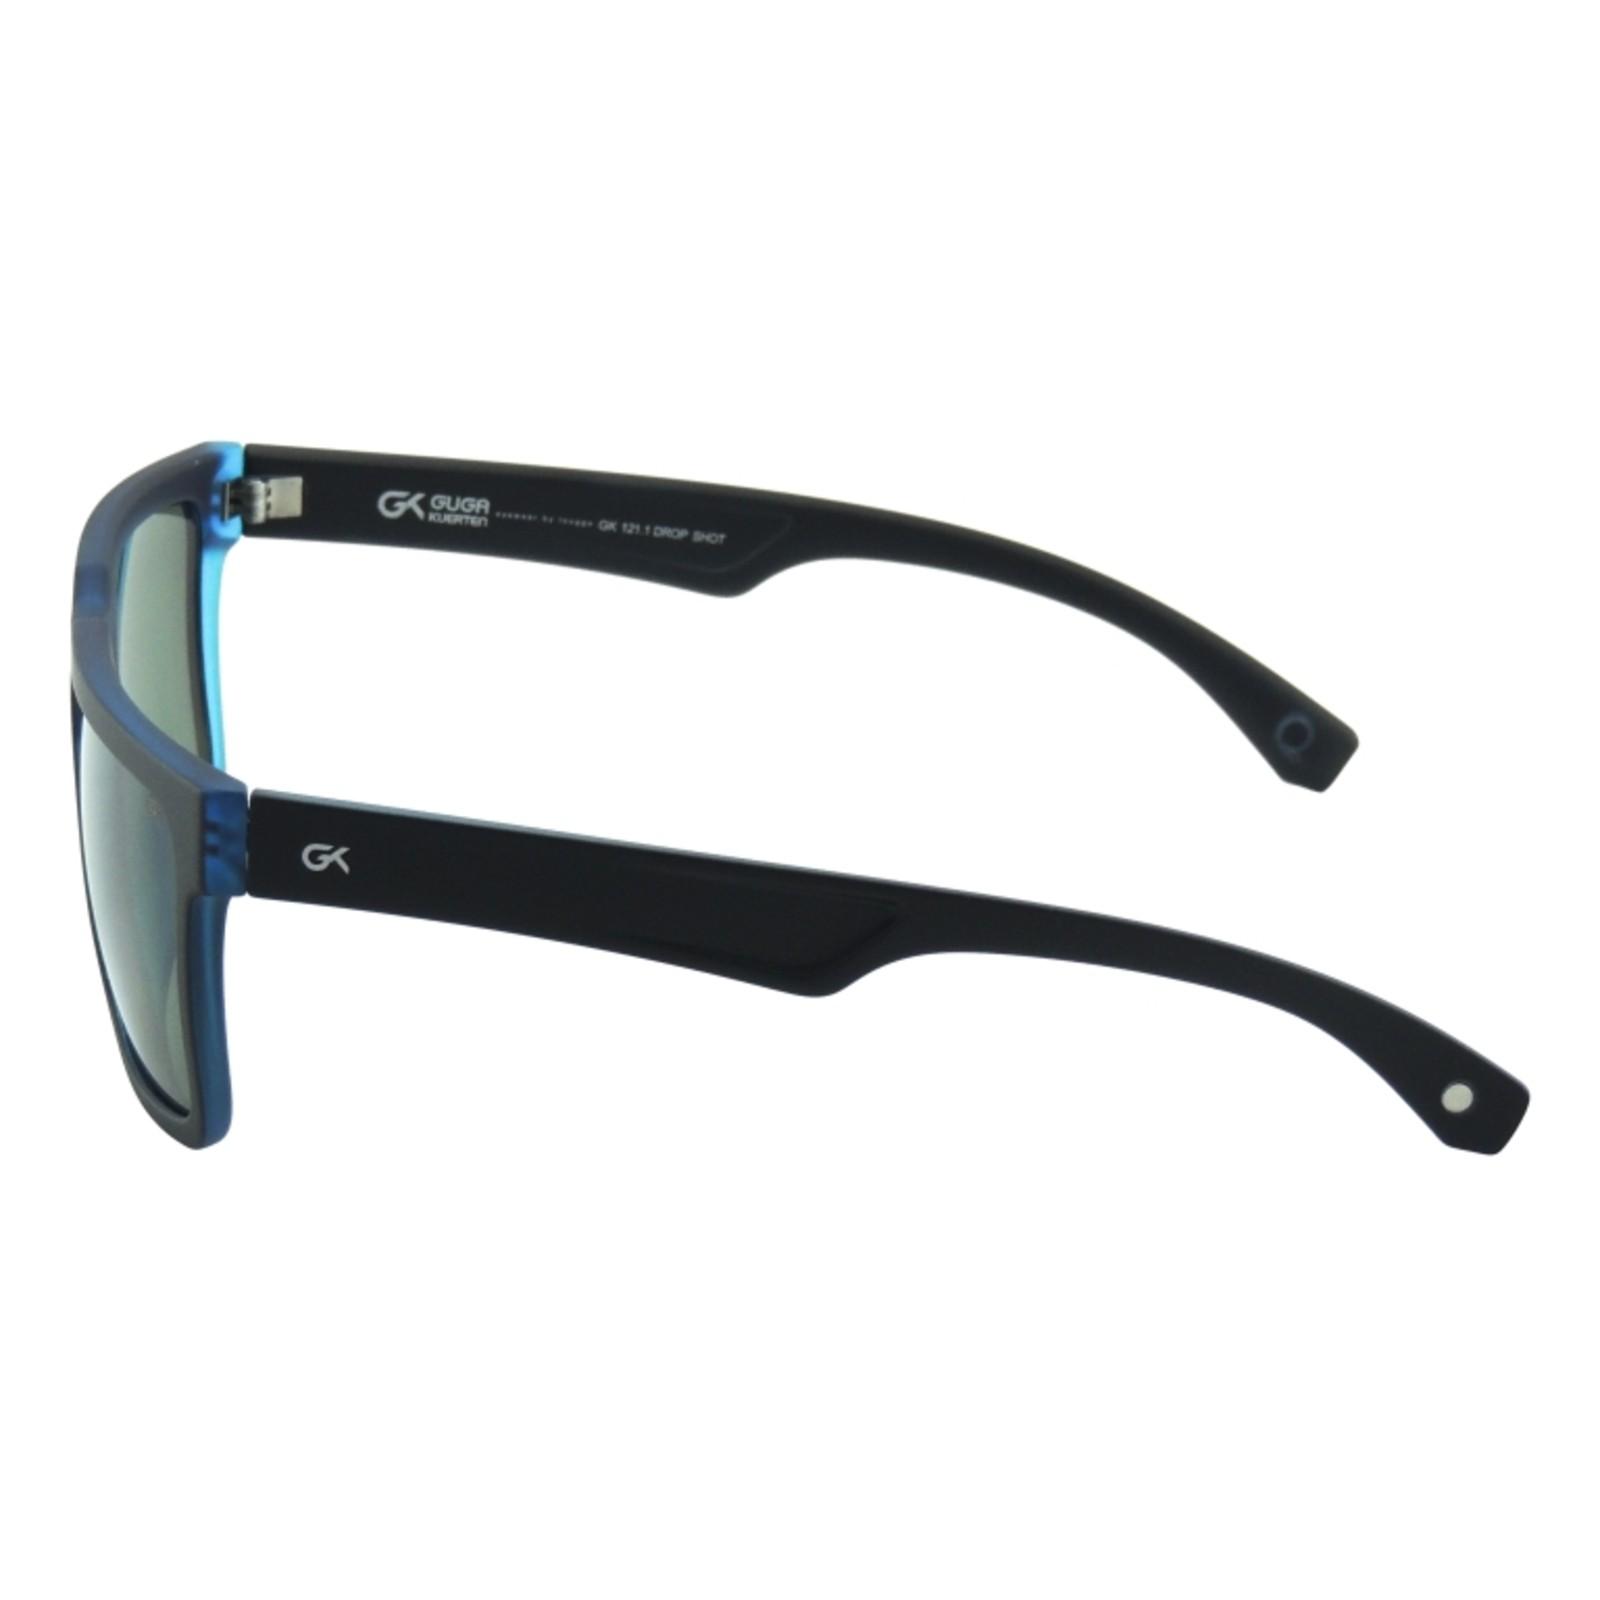 9de239f7533b6 ... Óculos de Sol Masculino GUGA KUERTEN Acetato Preto Azul Drop Shot  GK121.1